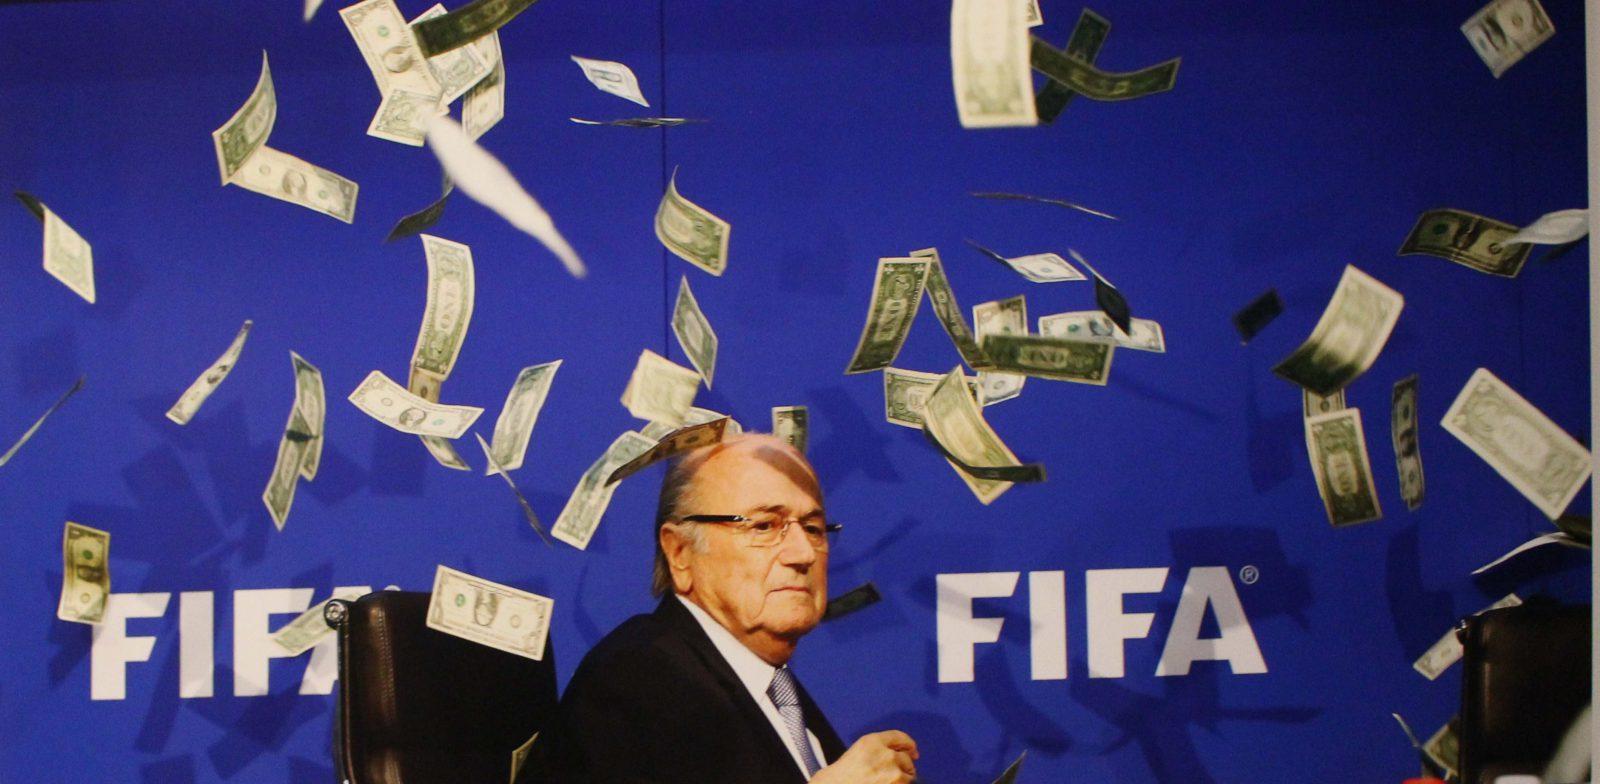 Marseille Mucem - Nous sommes Foot ! scandale à la FIFA Sepp Blatter